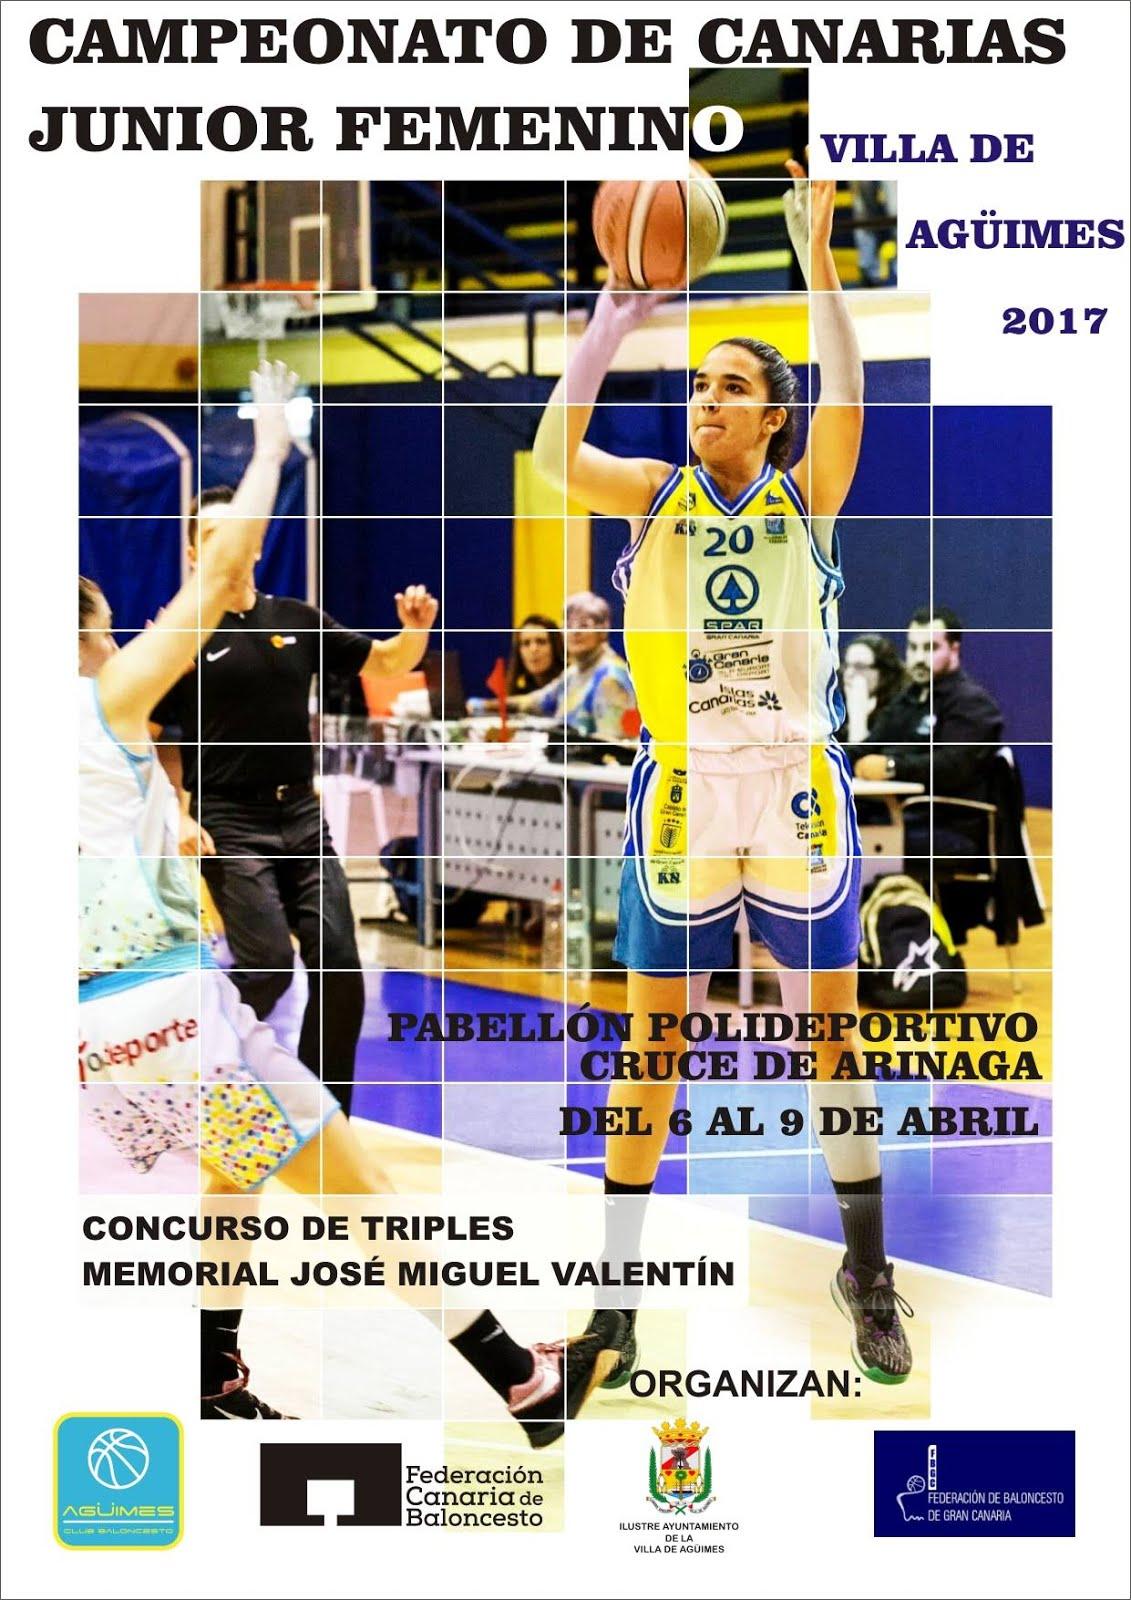 Campeonato de Canarias Junior Femenino de Baloncesto